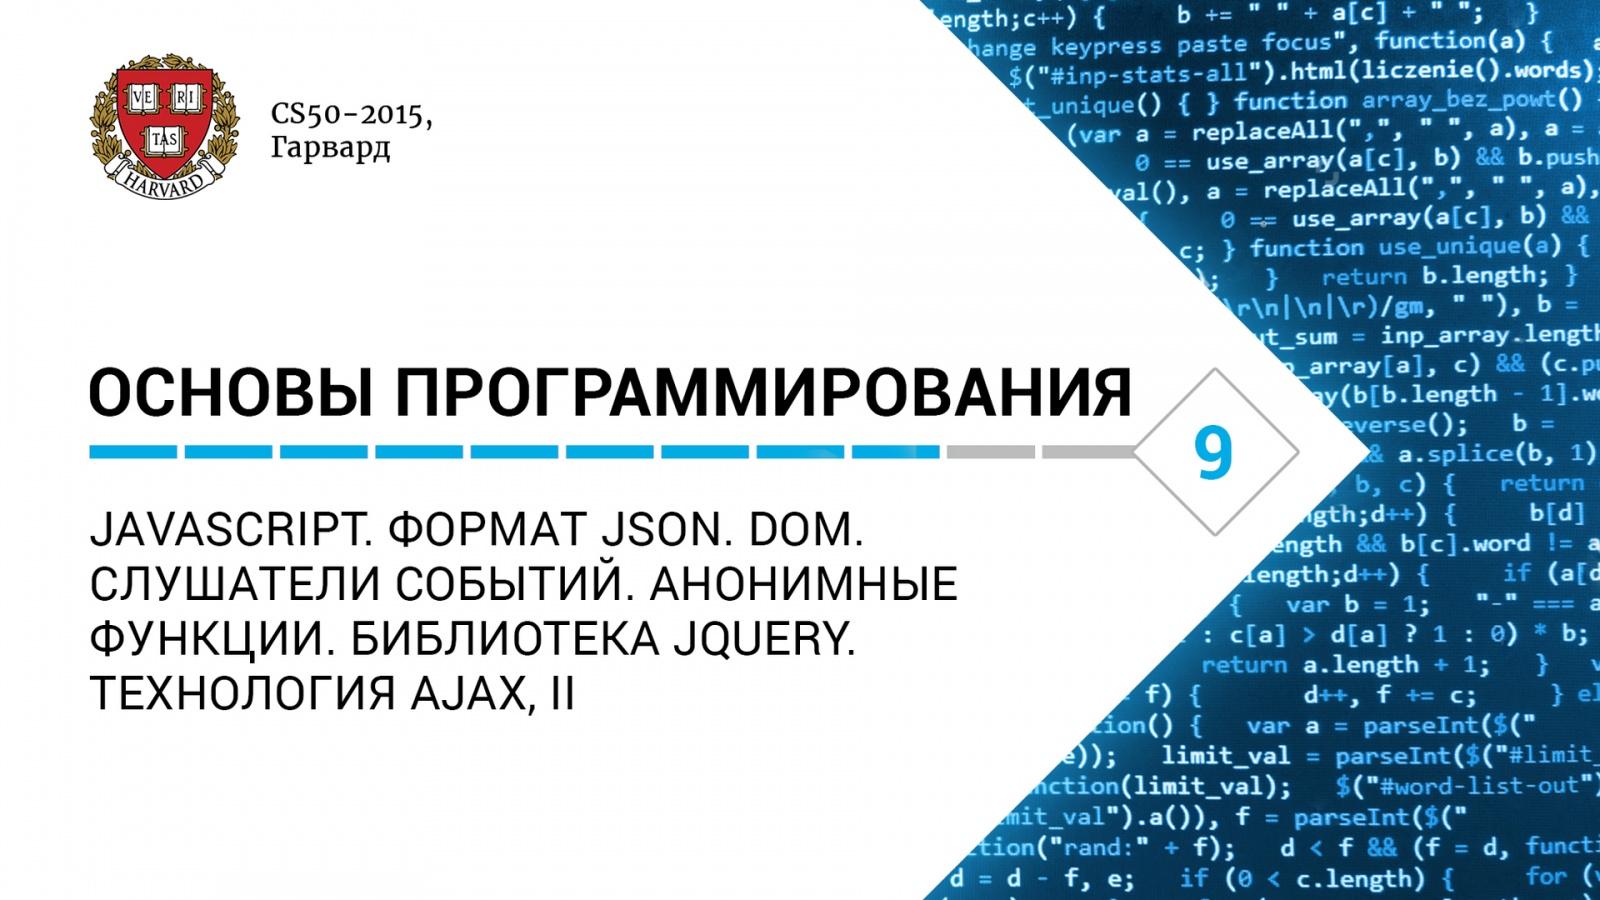 Основы программирования: Лекция #9. JavaScript. Формат JSON. DOM. Слушатели событий. Анонимные функции. Библиотека jQuer - 1